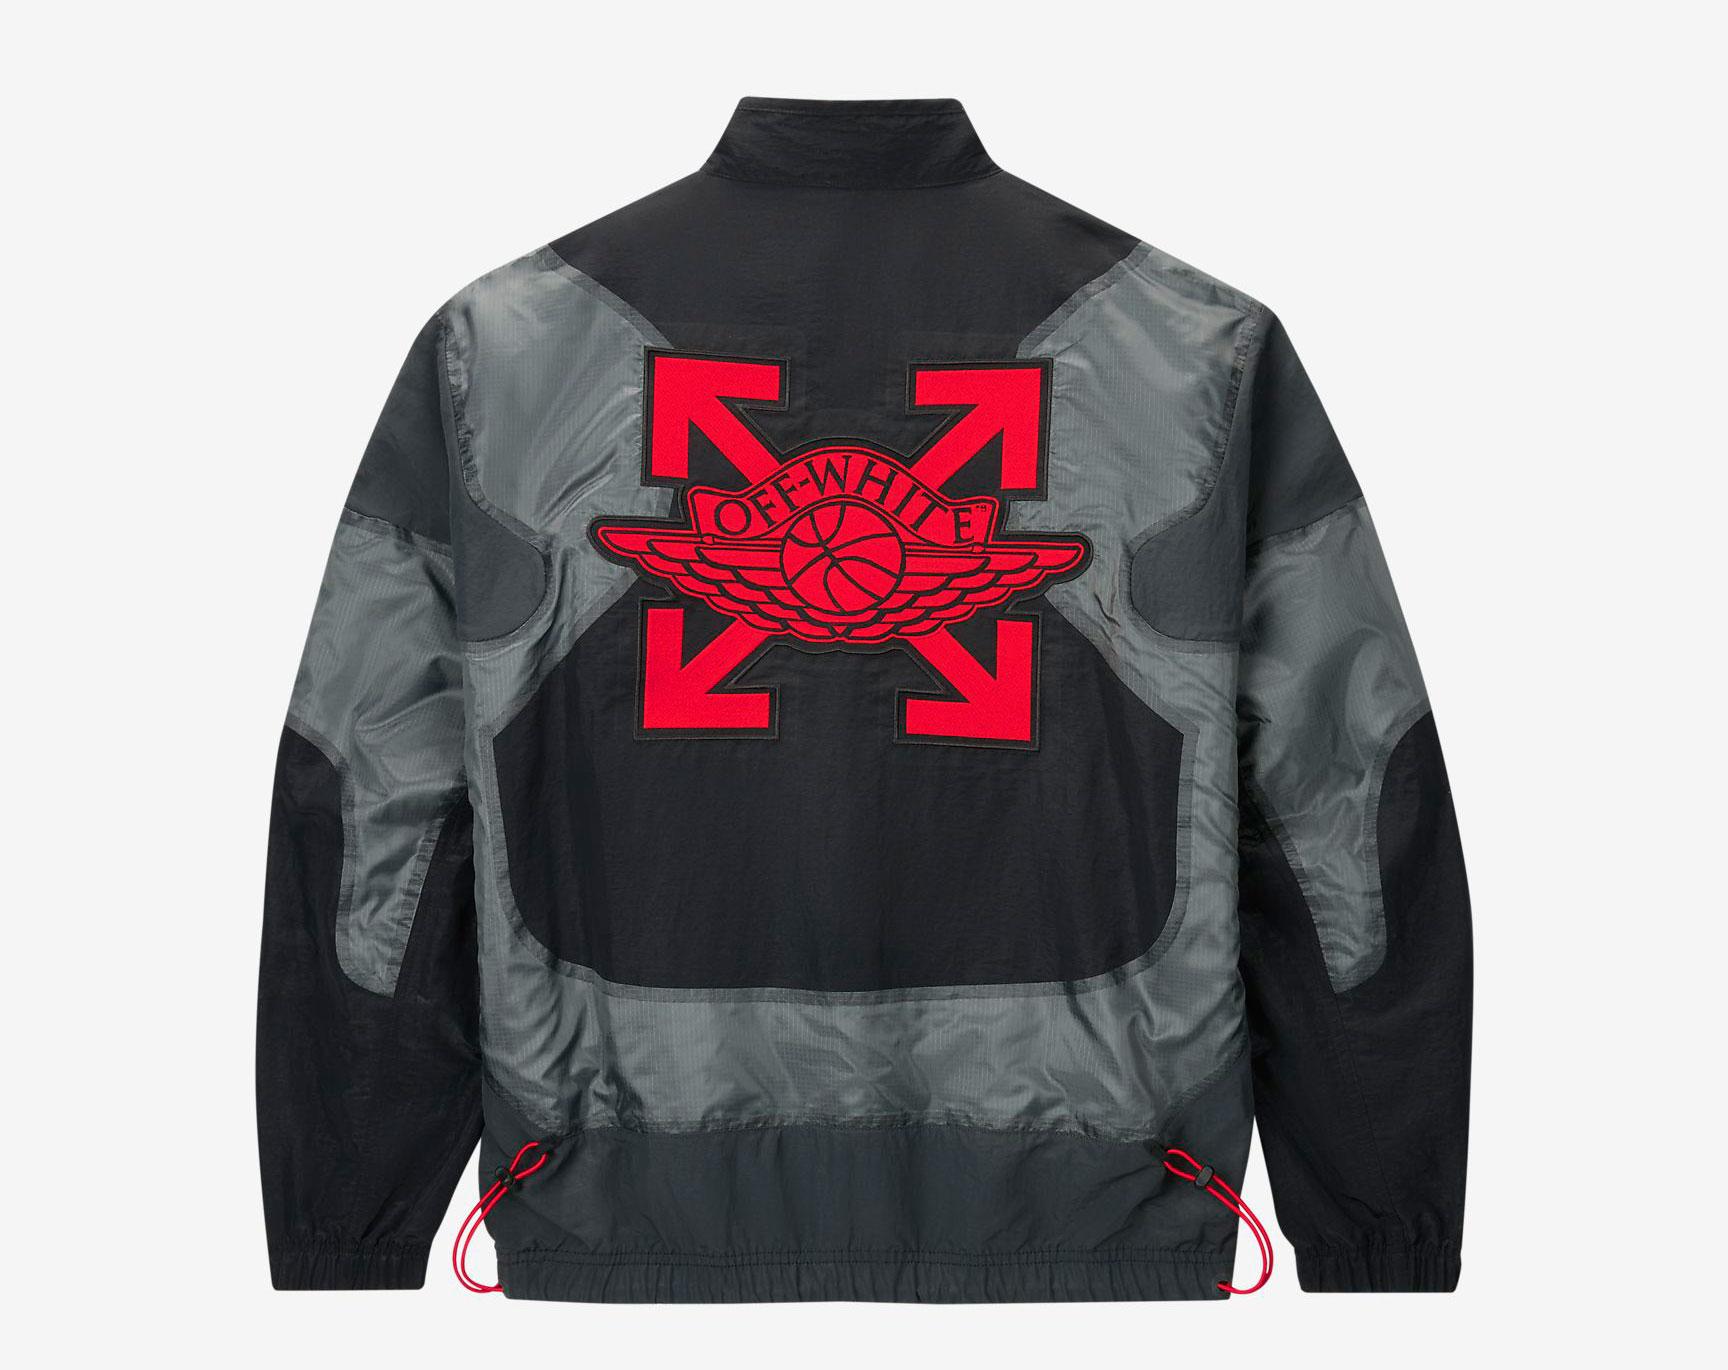 off-white-jordan-5-jacket-2